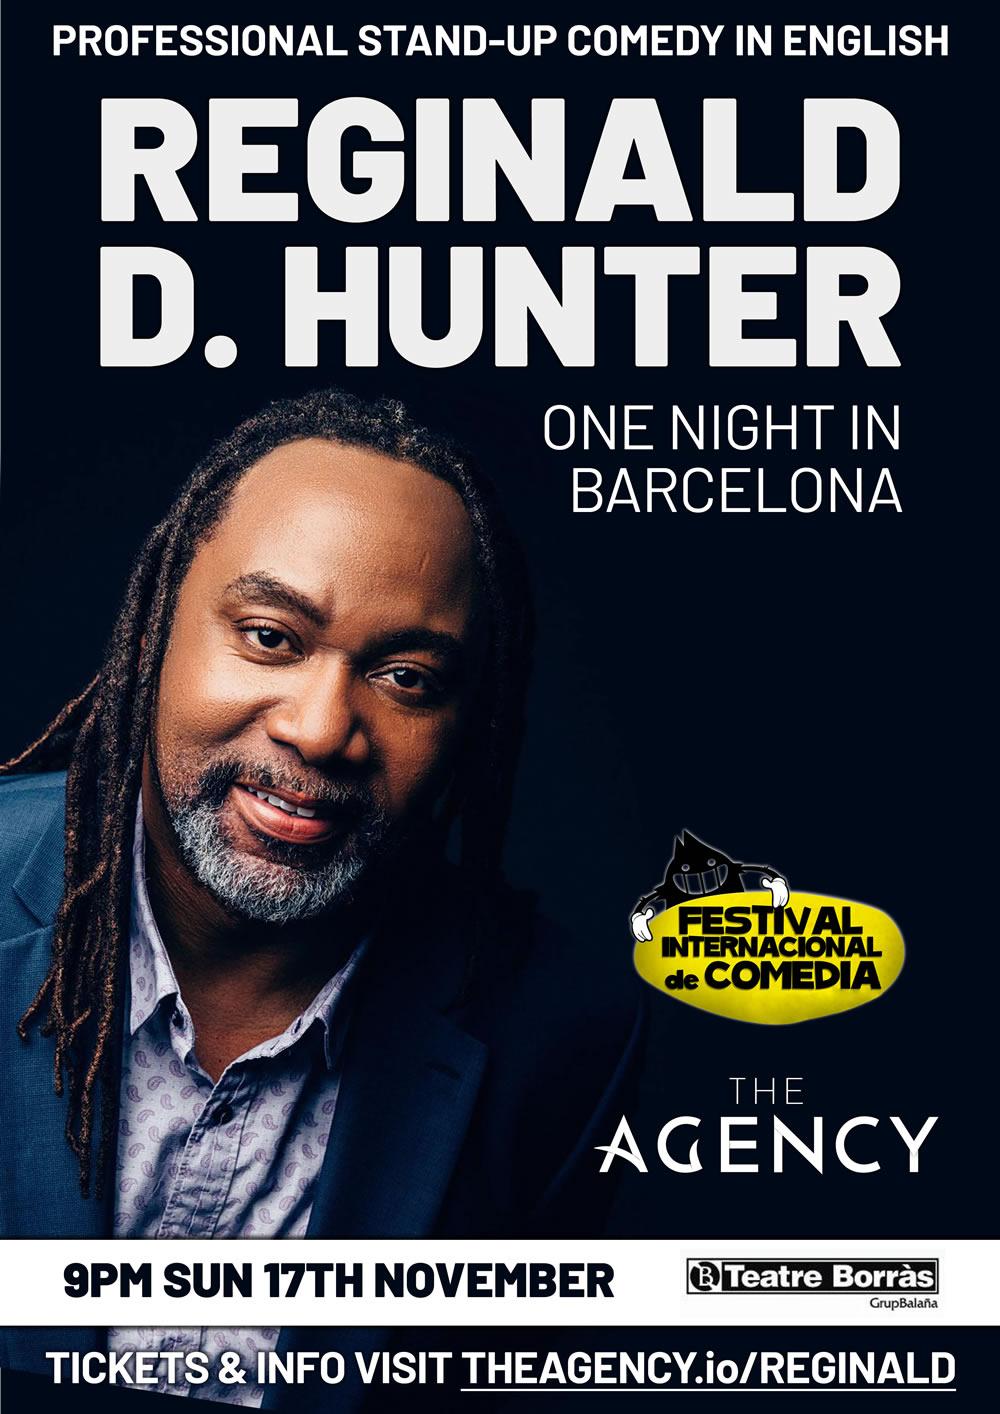 Reginald D. Hunter Live Stand-up in Barcelona